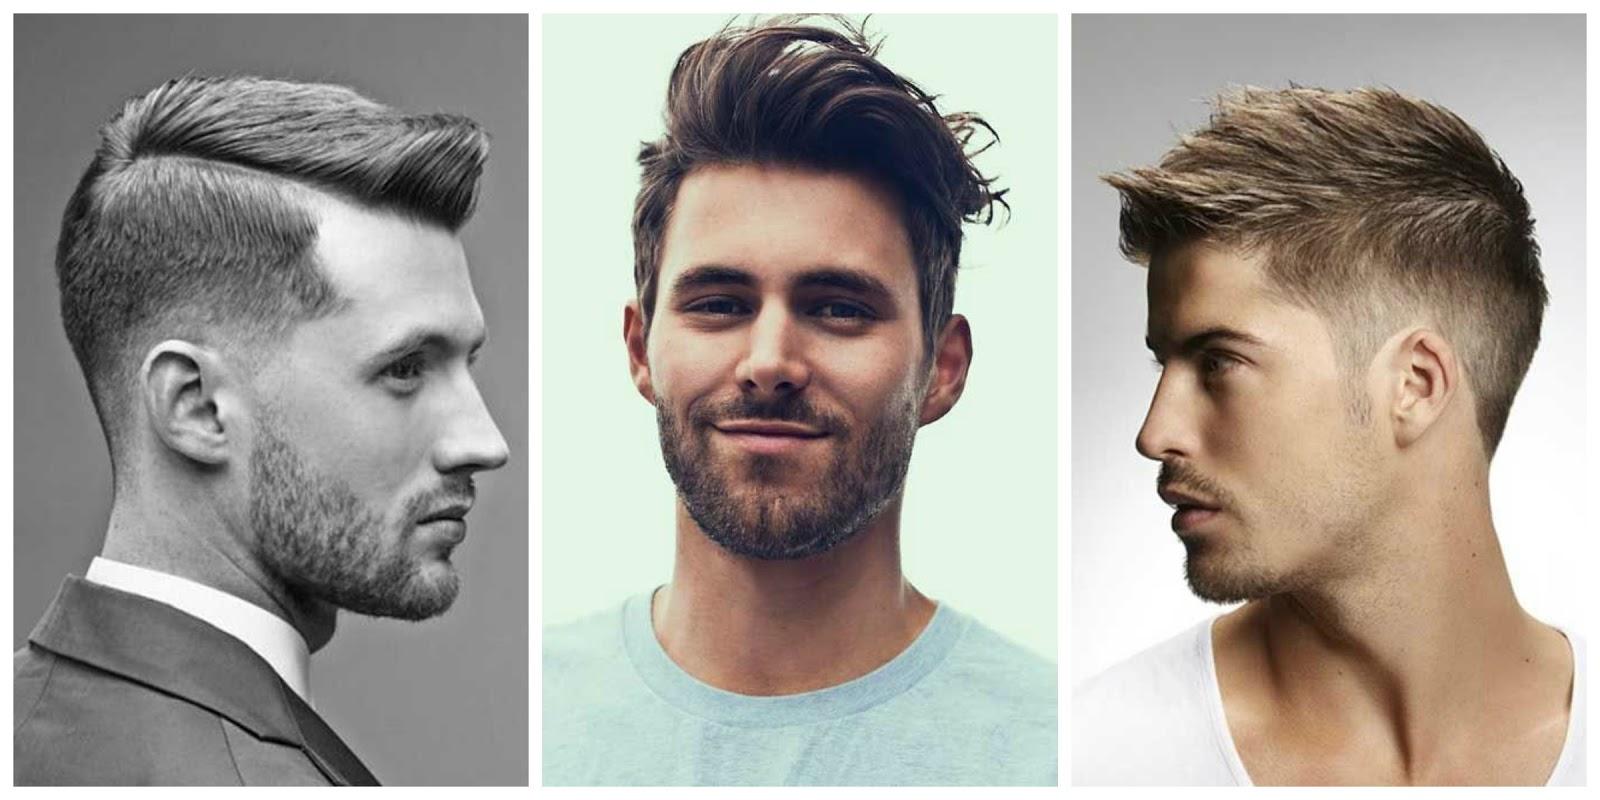 Lo mejor en cortes y peinados para hombres artes davinci ideas con estilo - Peinado para hombres ...